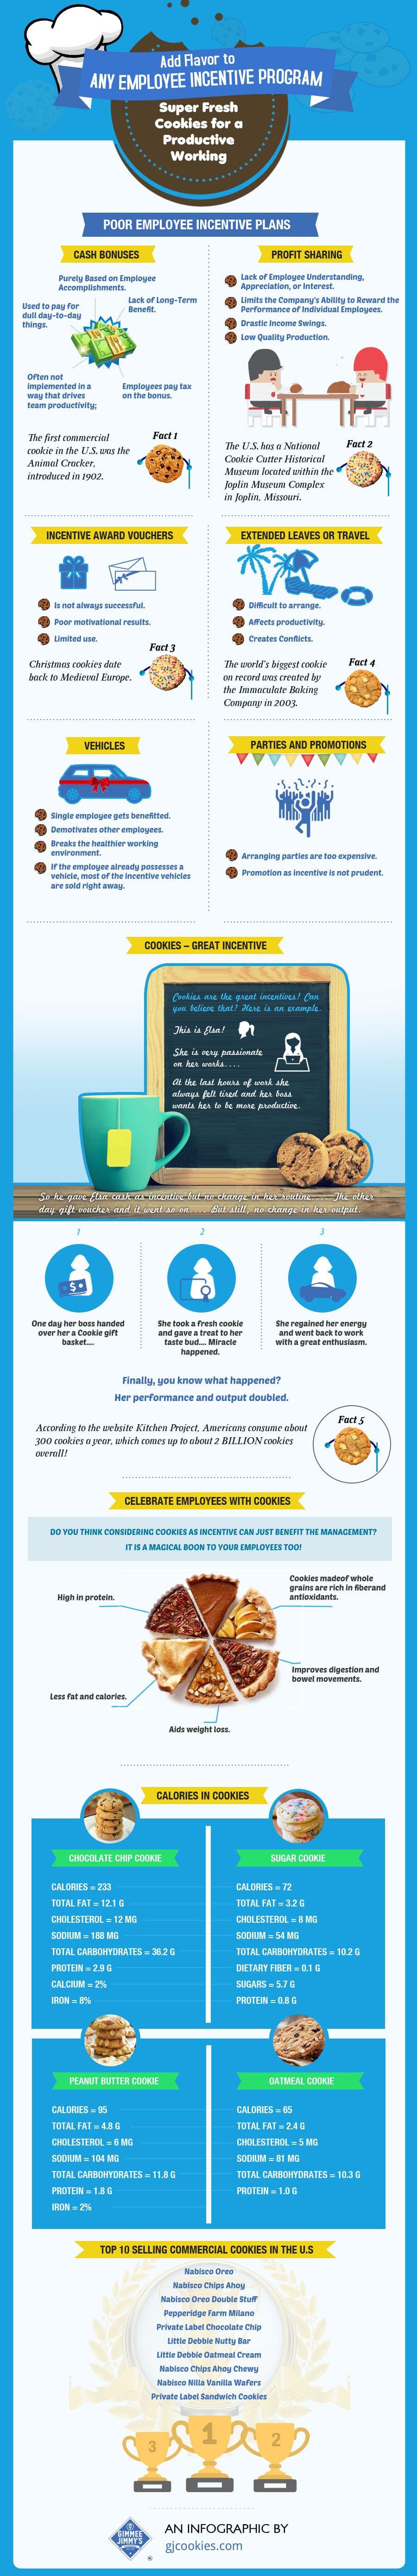 infographic-design-Gjcookies_1_